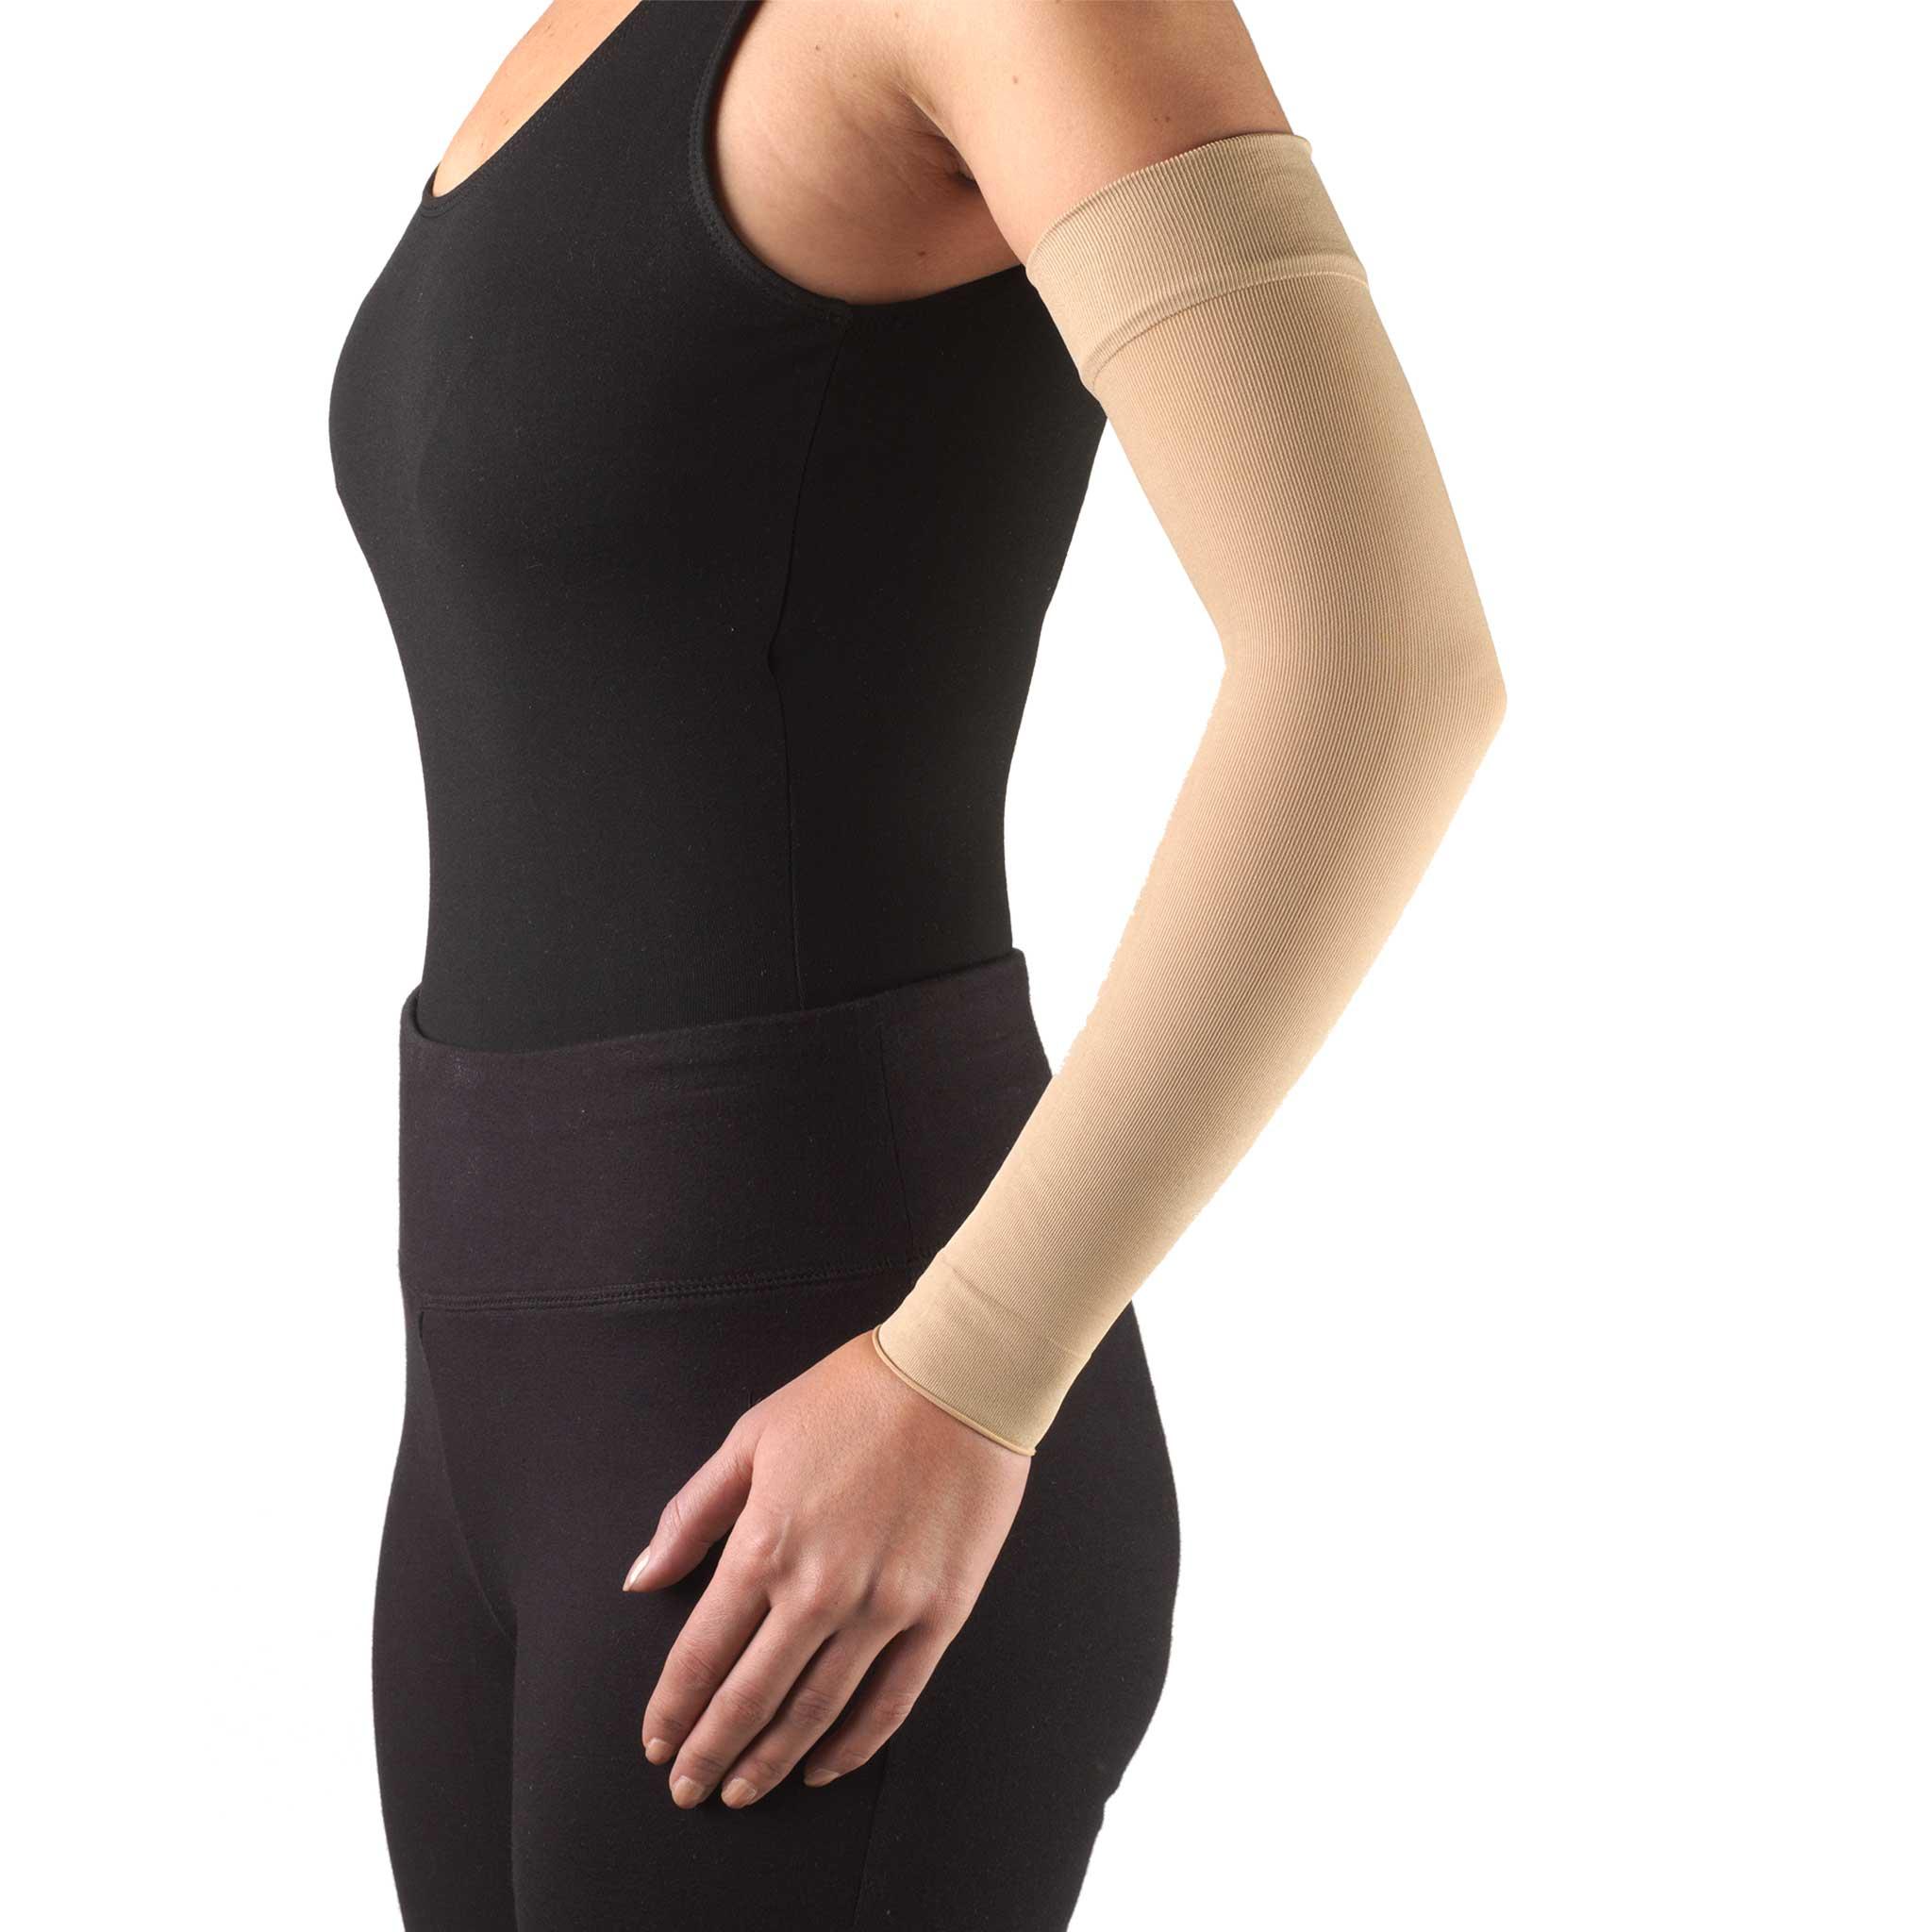 Truform Lymphedema Compression Arm Sleeve: 15-20 mmHg, Beige, Medium